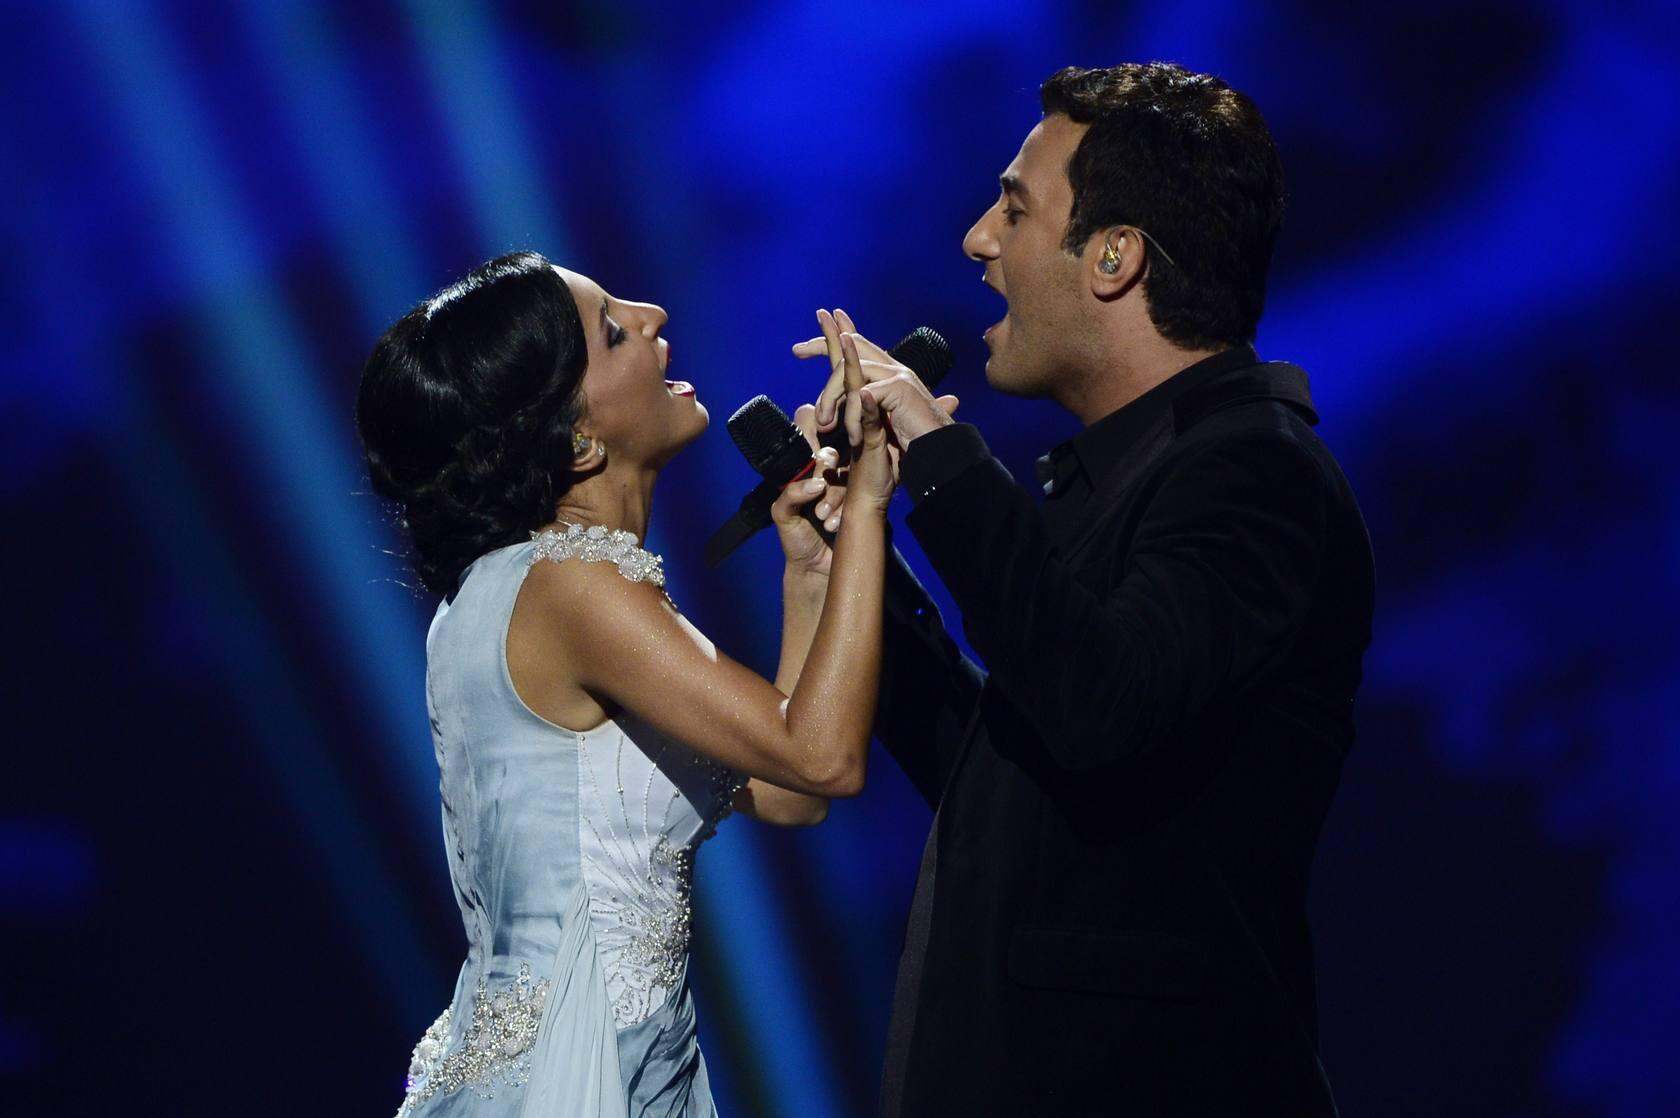 Festival de Eurovisión 2013